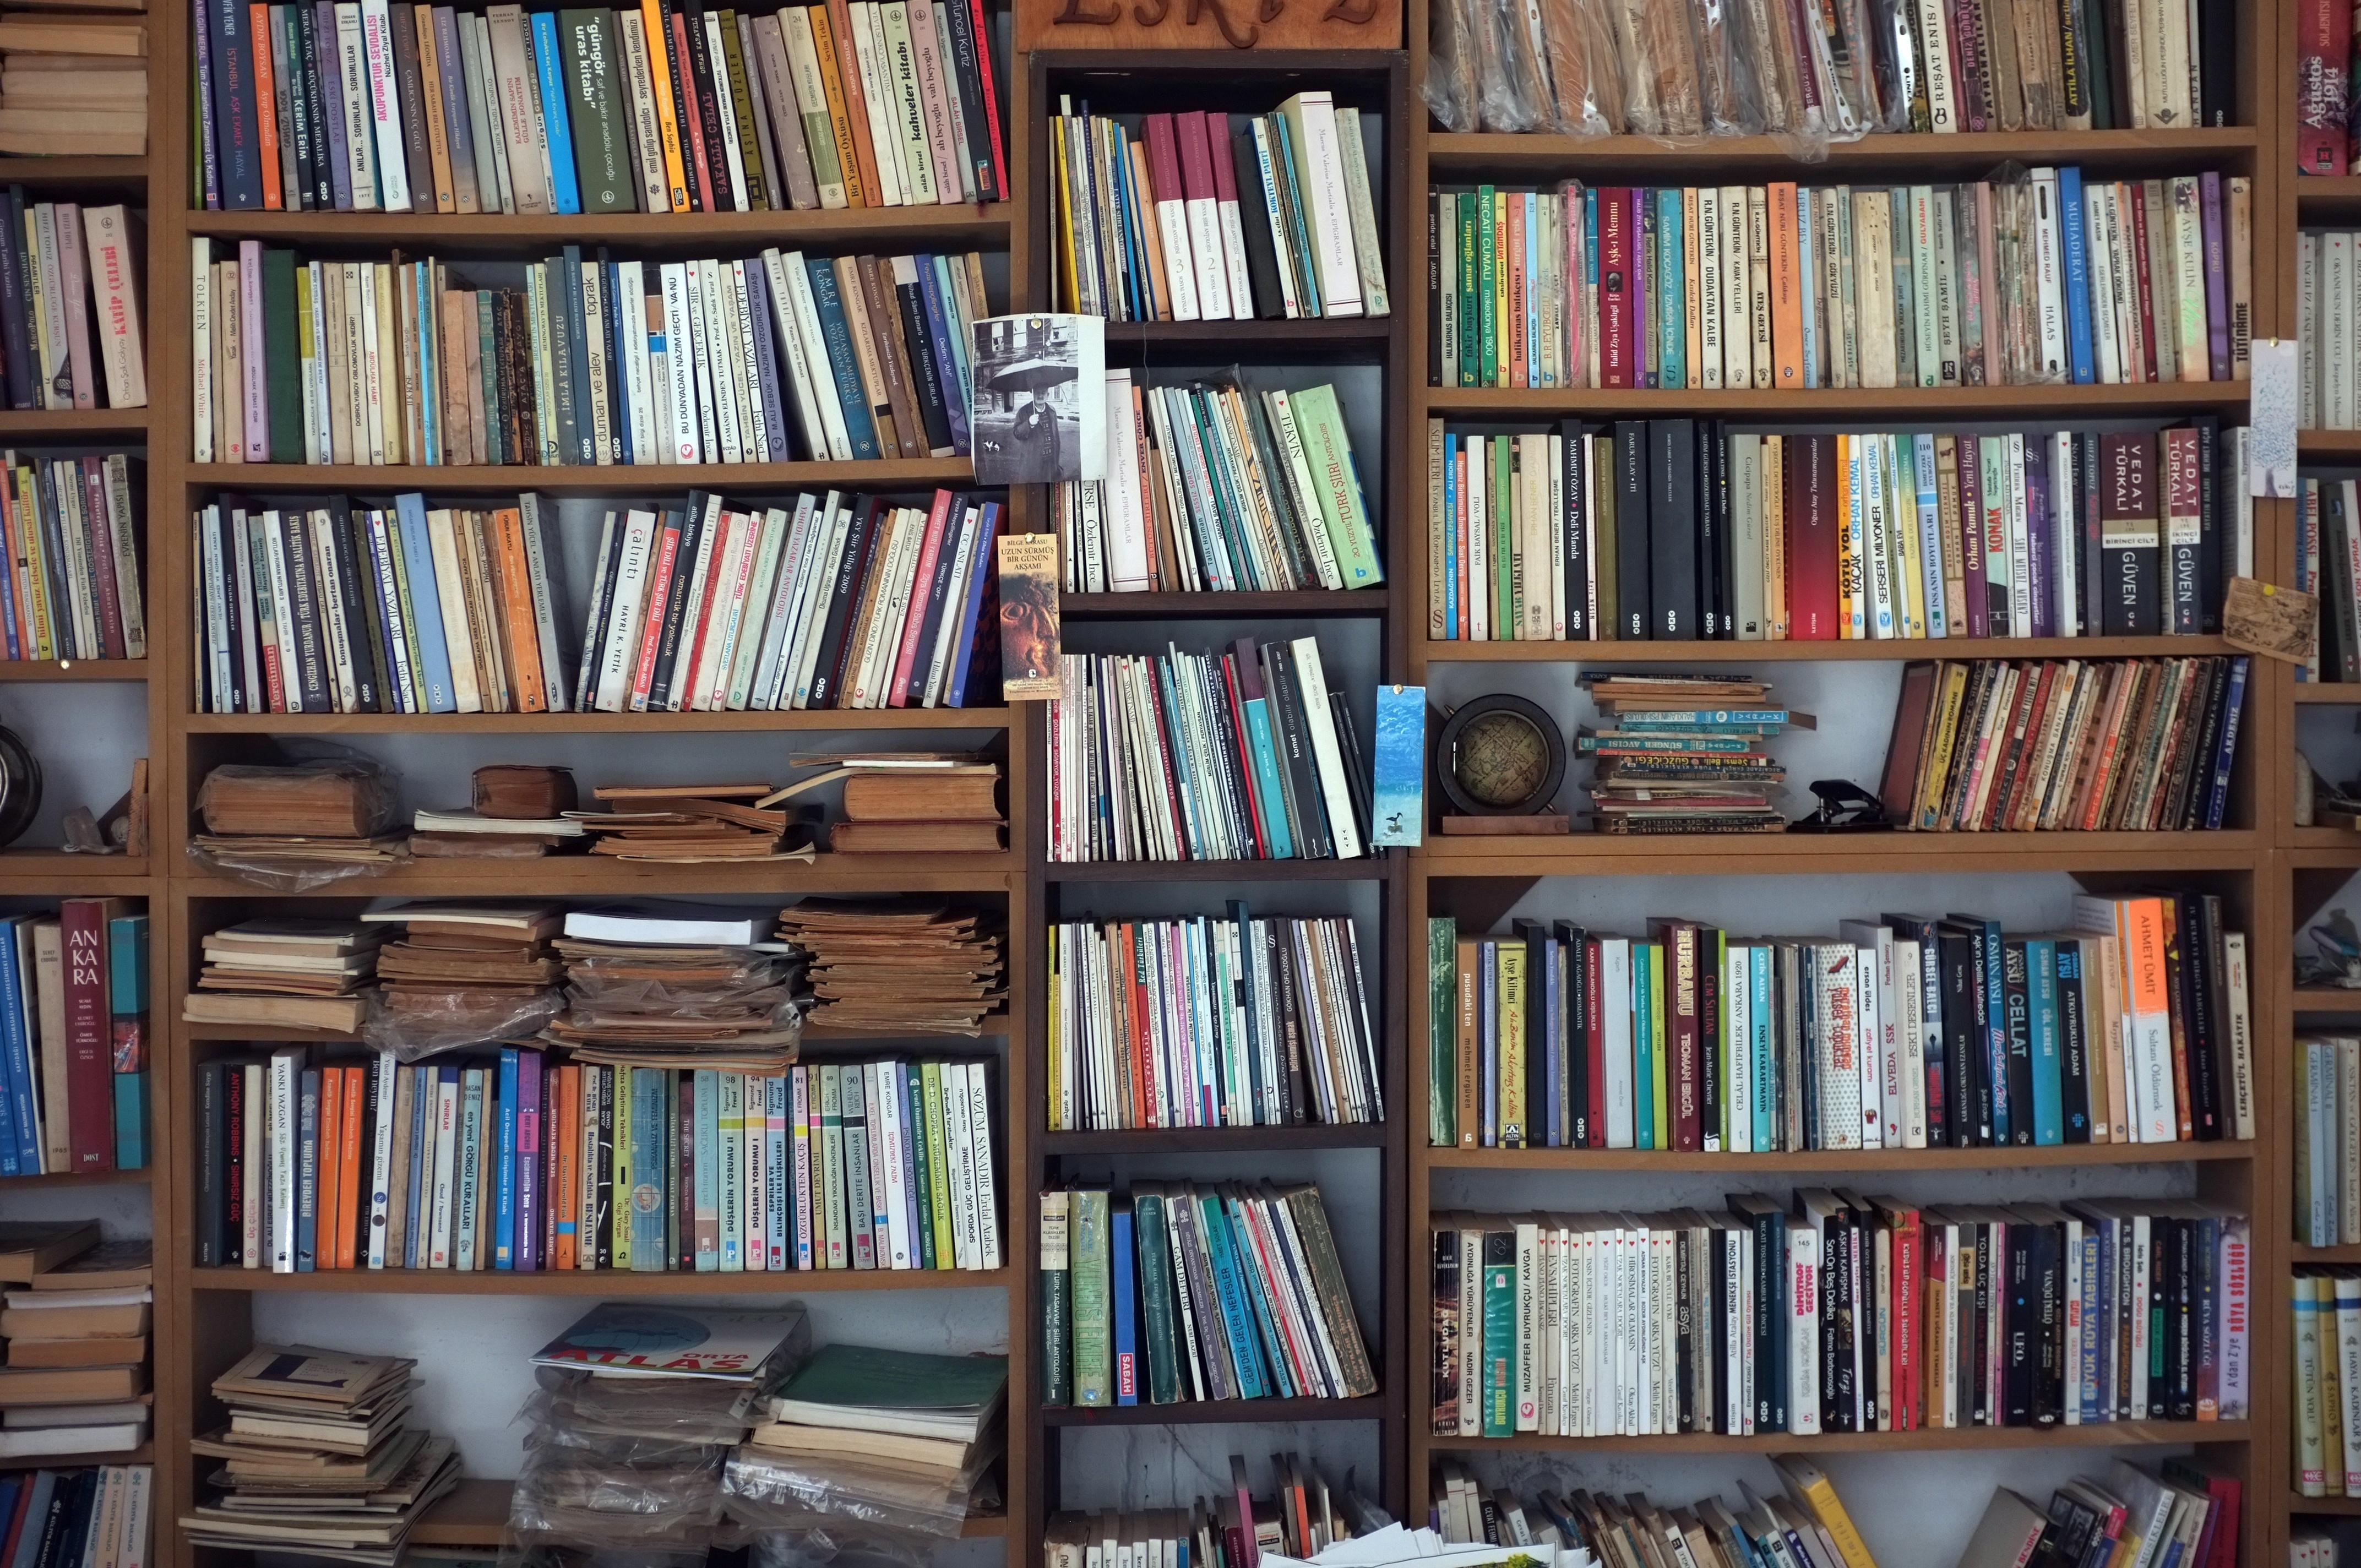 vendere libri usati